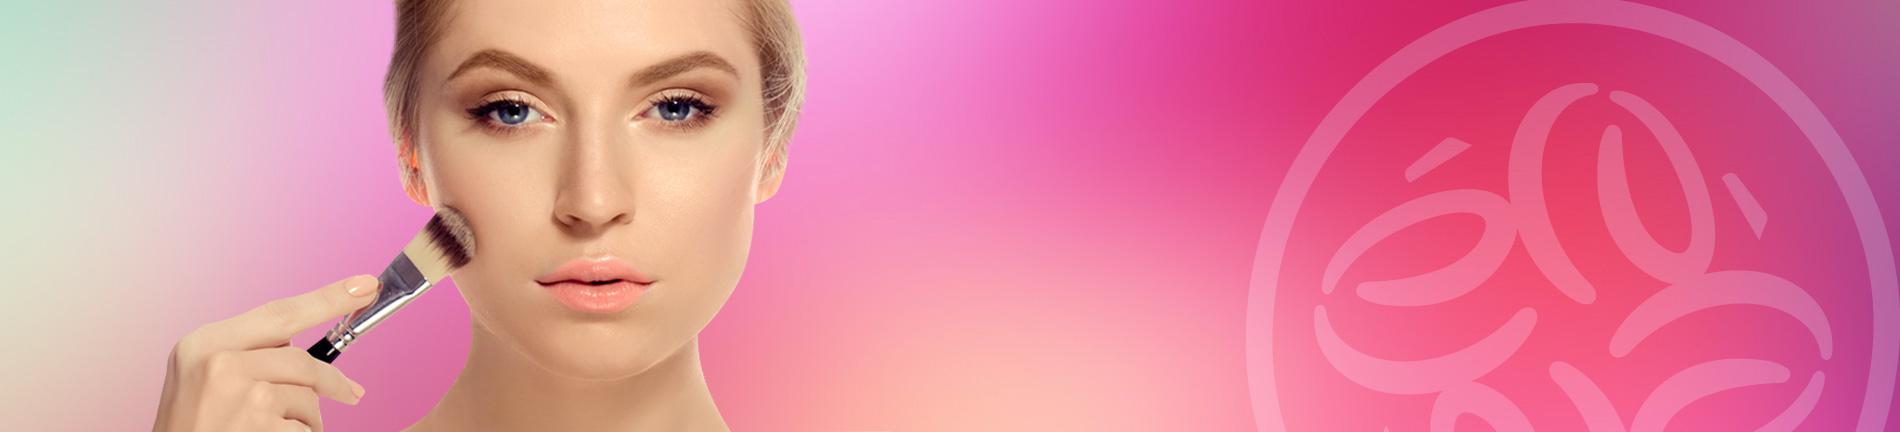 academia de maquillaje profesional eclat, renovacion en julio